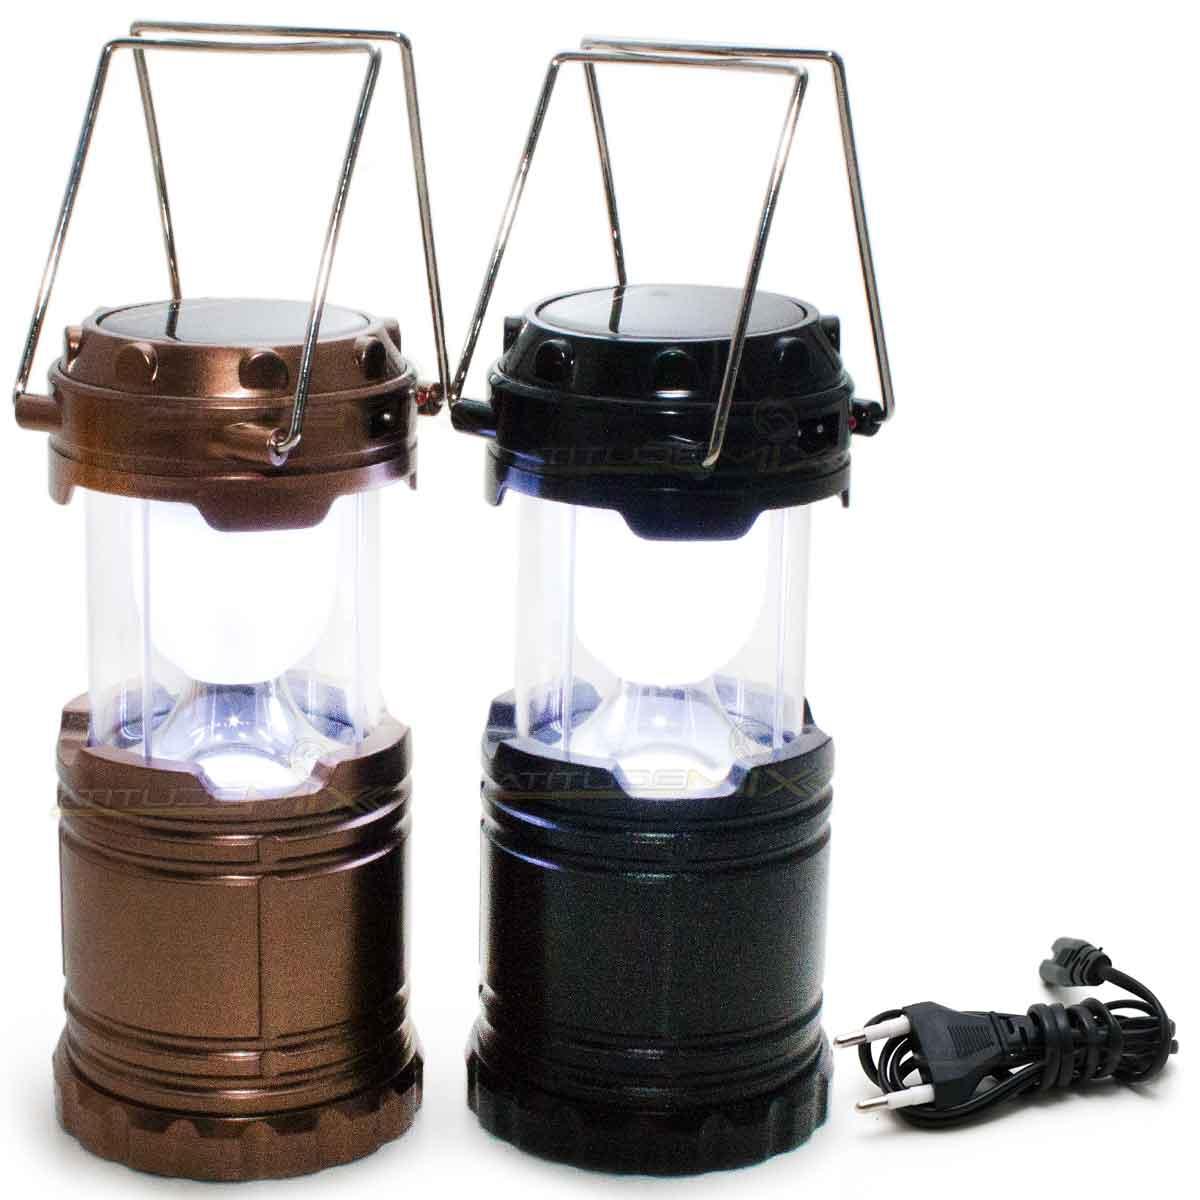 Lanterna Recarregável Luminária Solar Camping Alças Bivolt